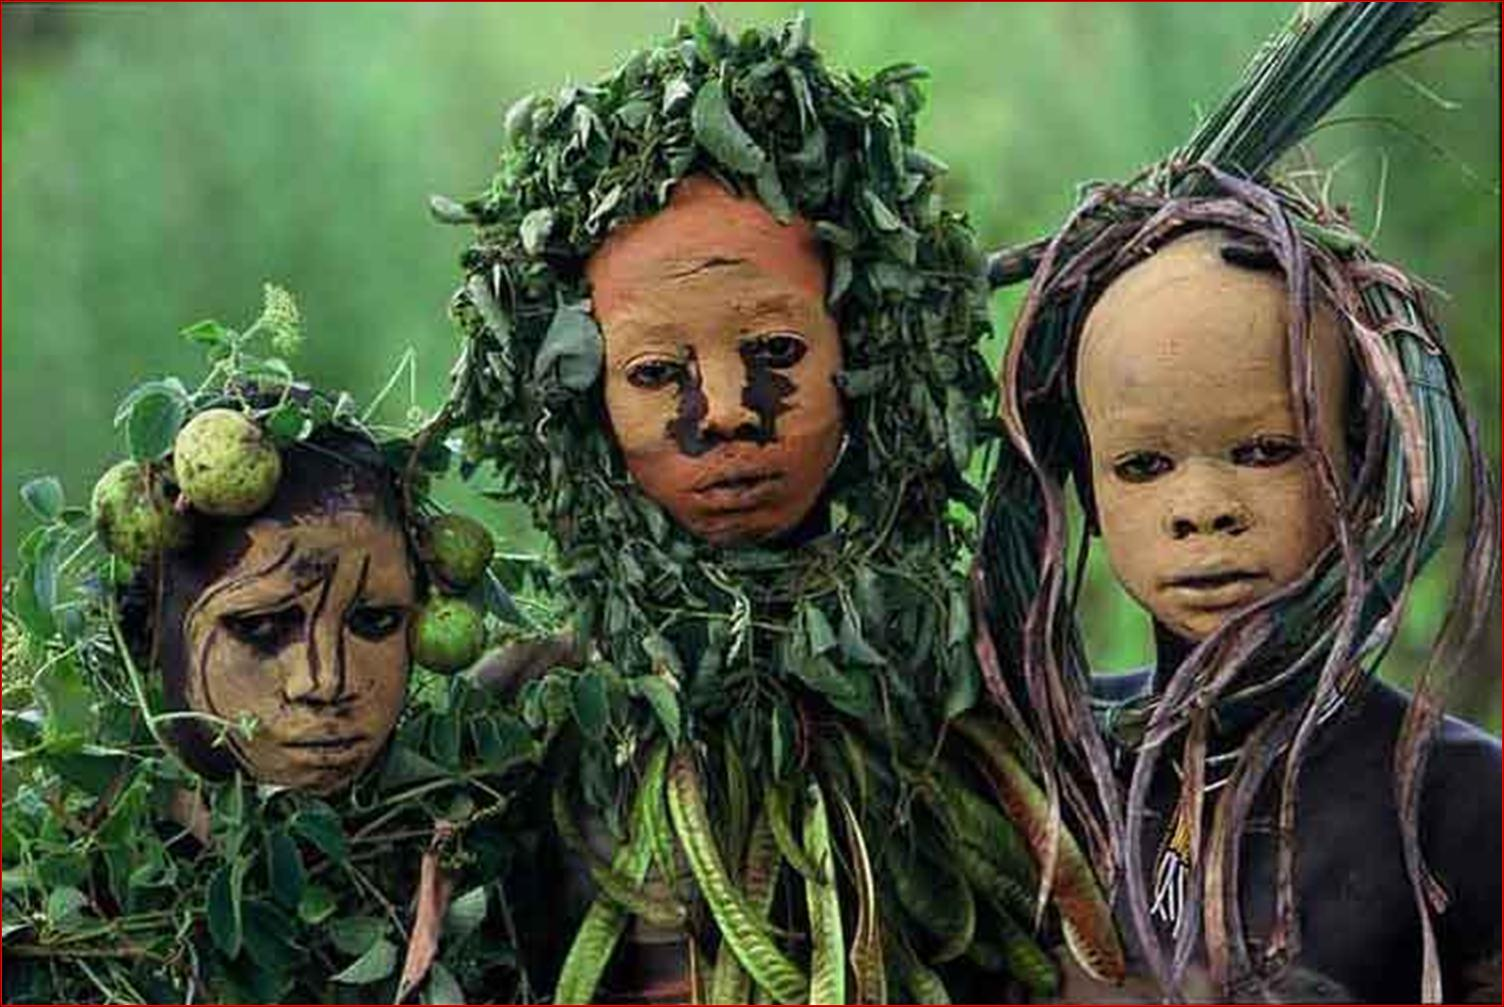 Фото дикие племена в африке 16 фотография